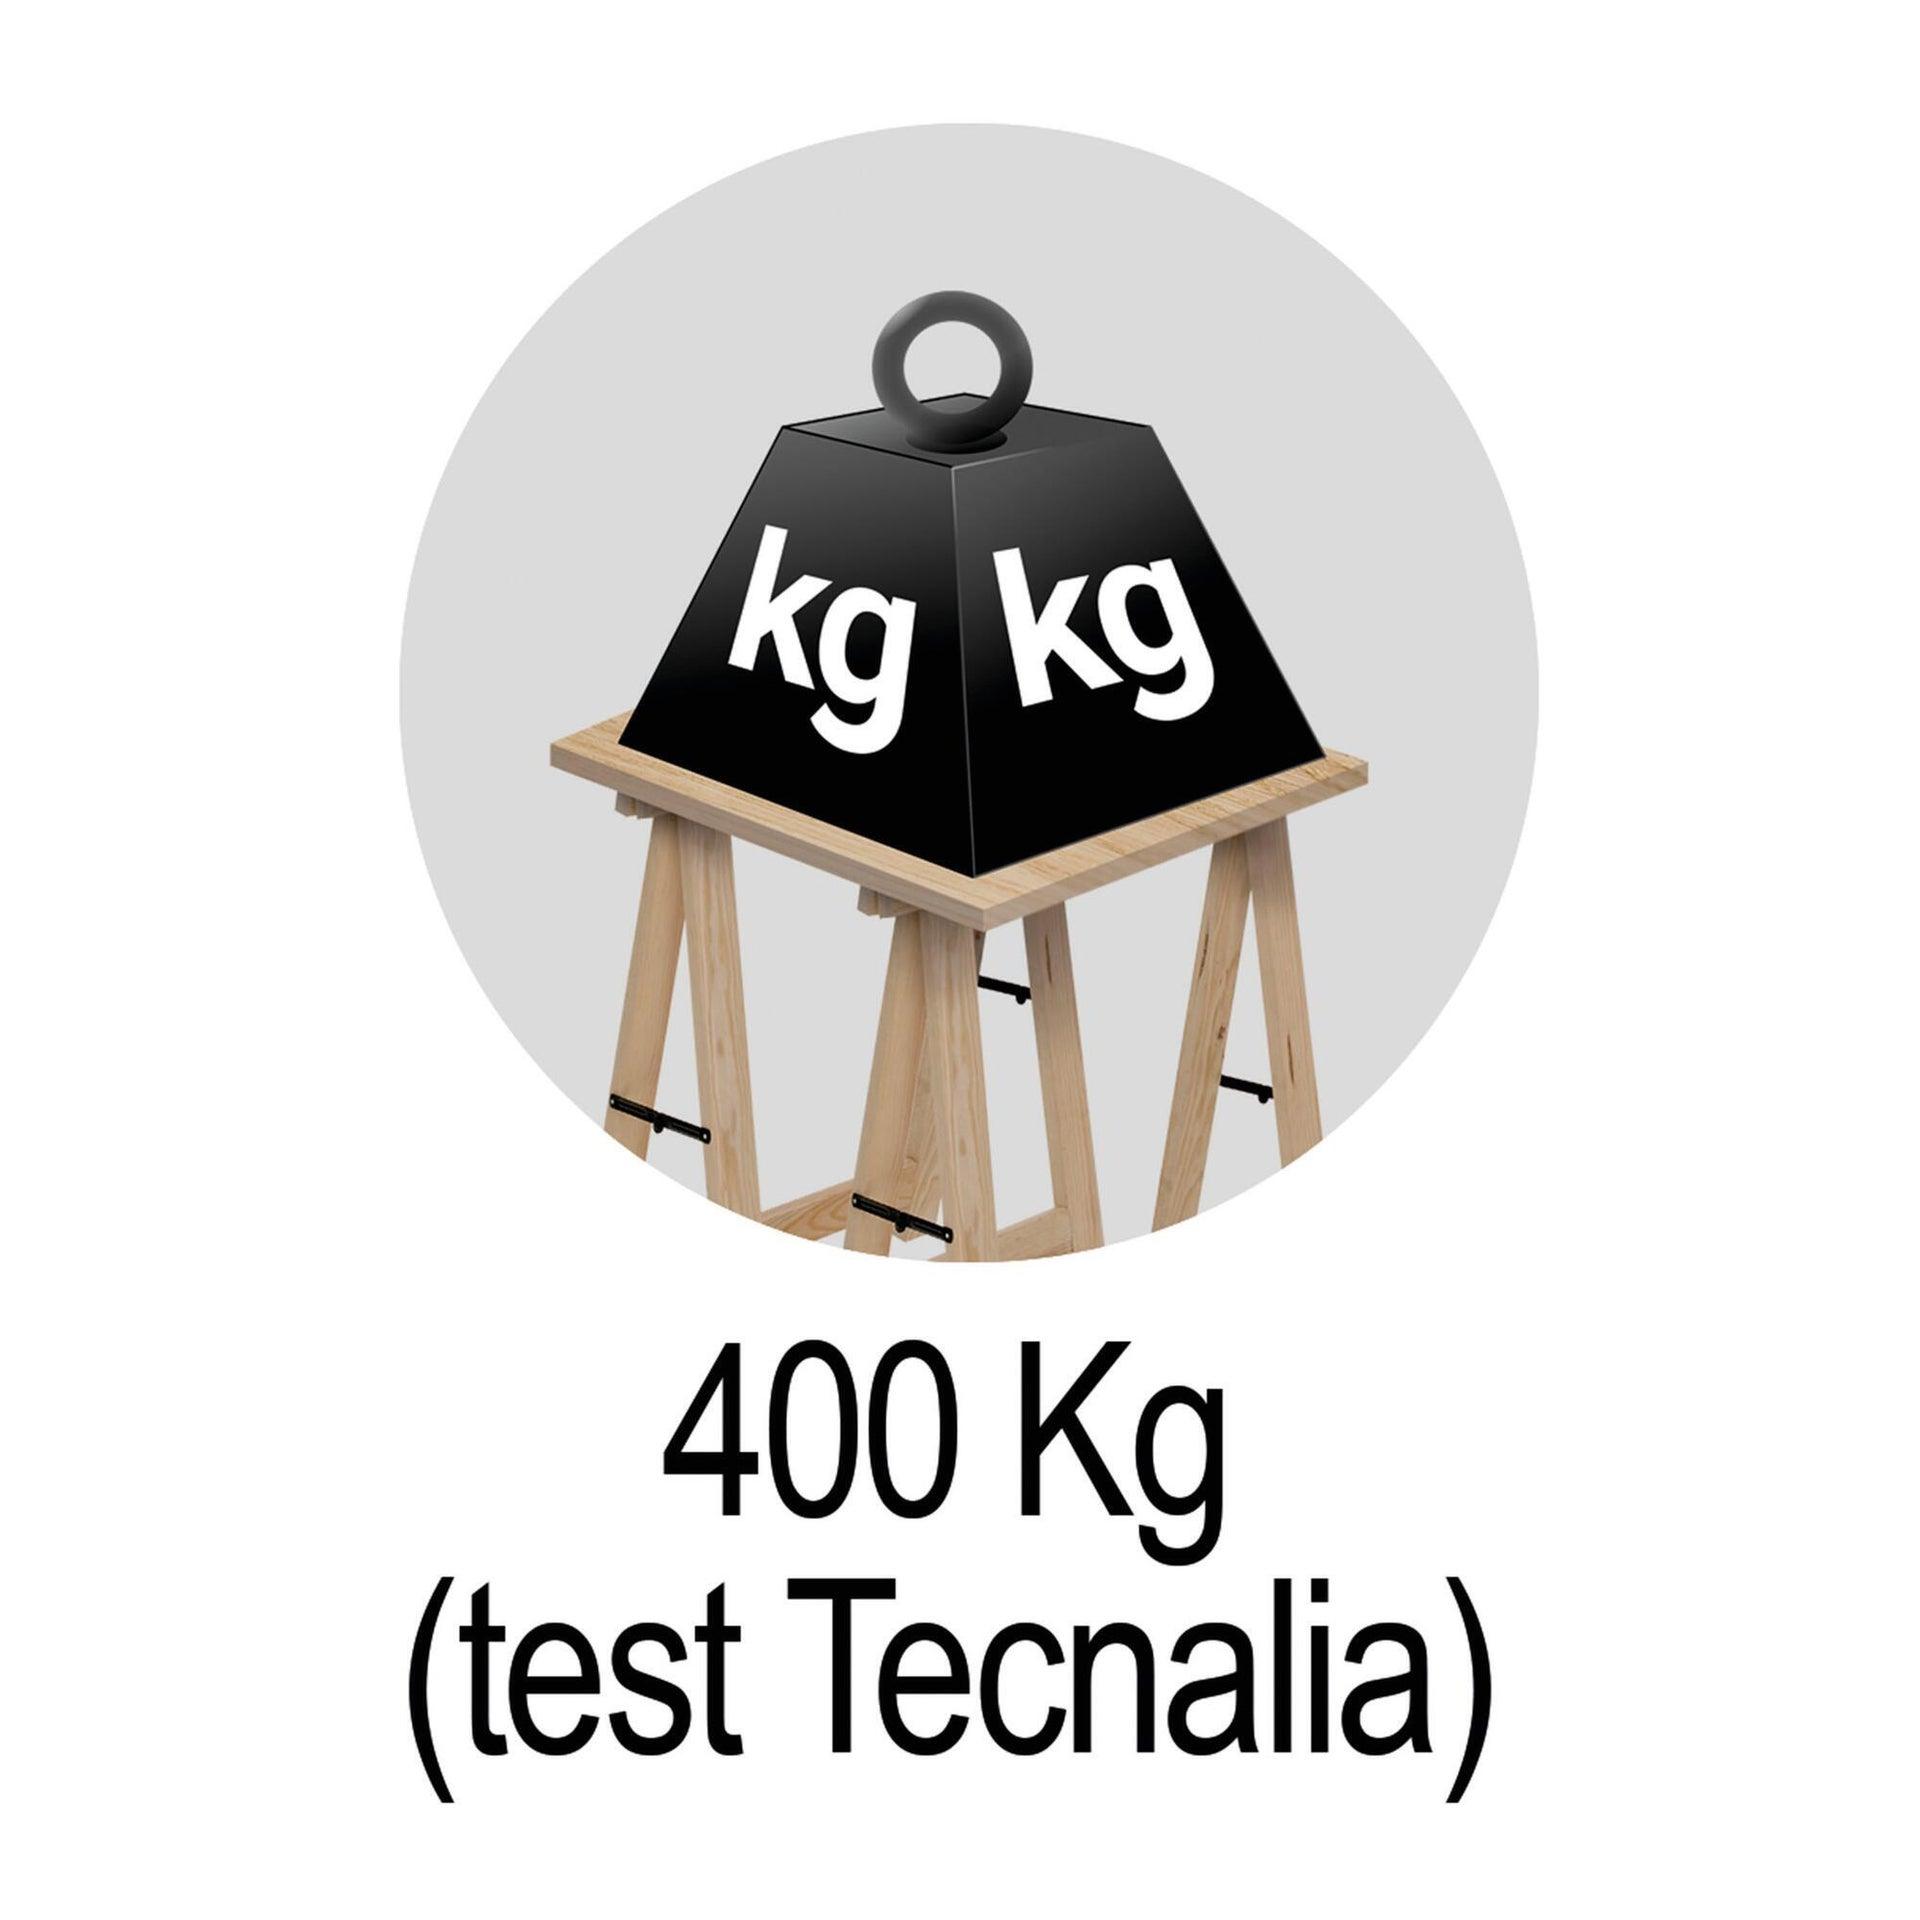 Cavalletto in pino Standard L 73.5 x P 73.5 x H 74 cm legno naturale - 14